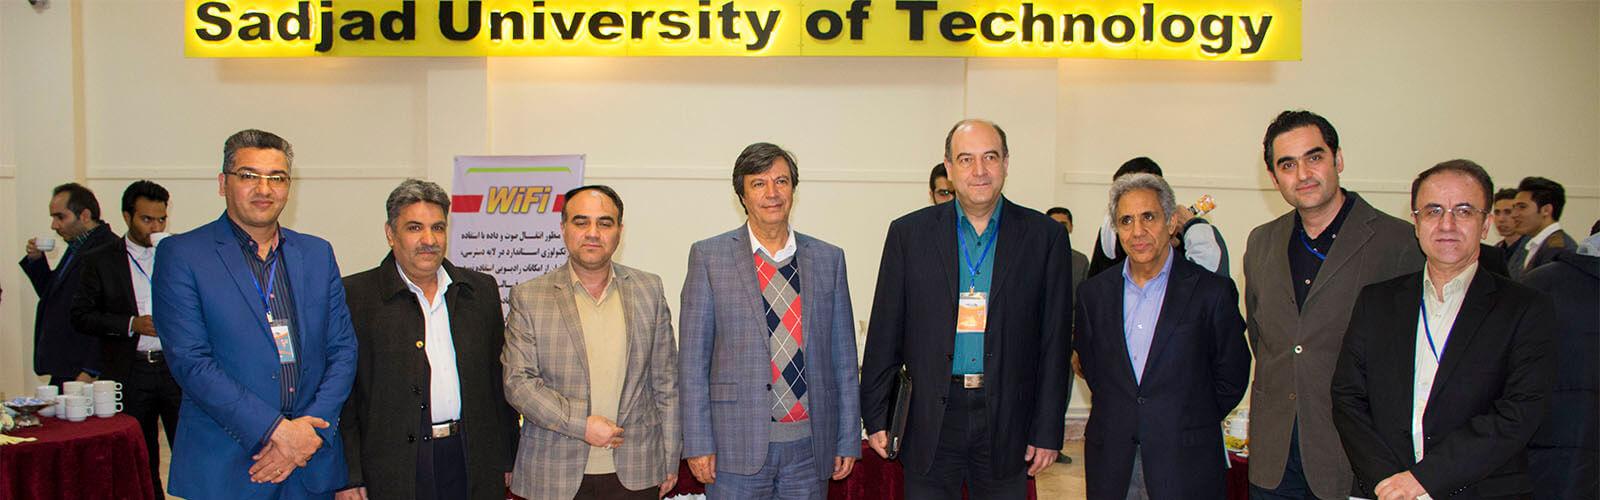 سومین همایش ملی فناوریهای نوین انرژی